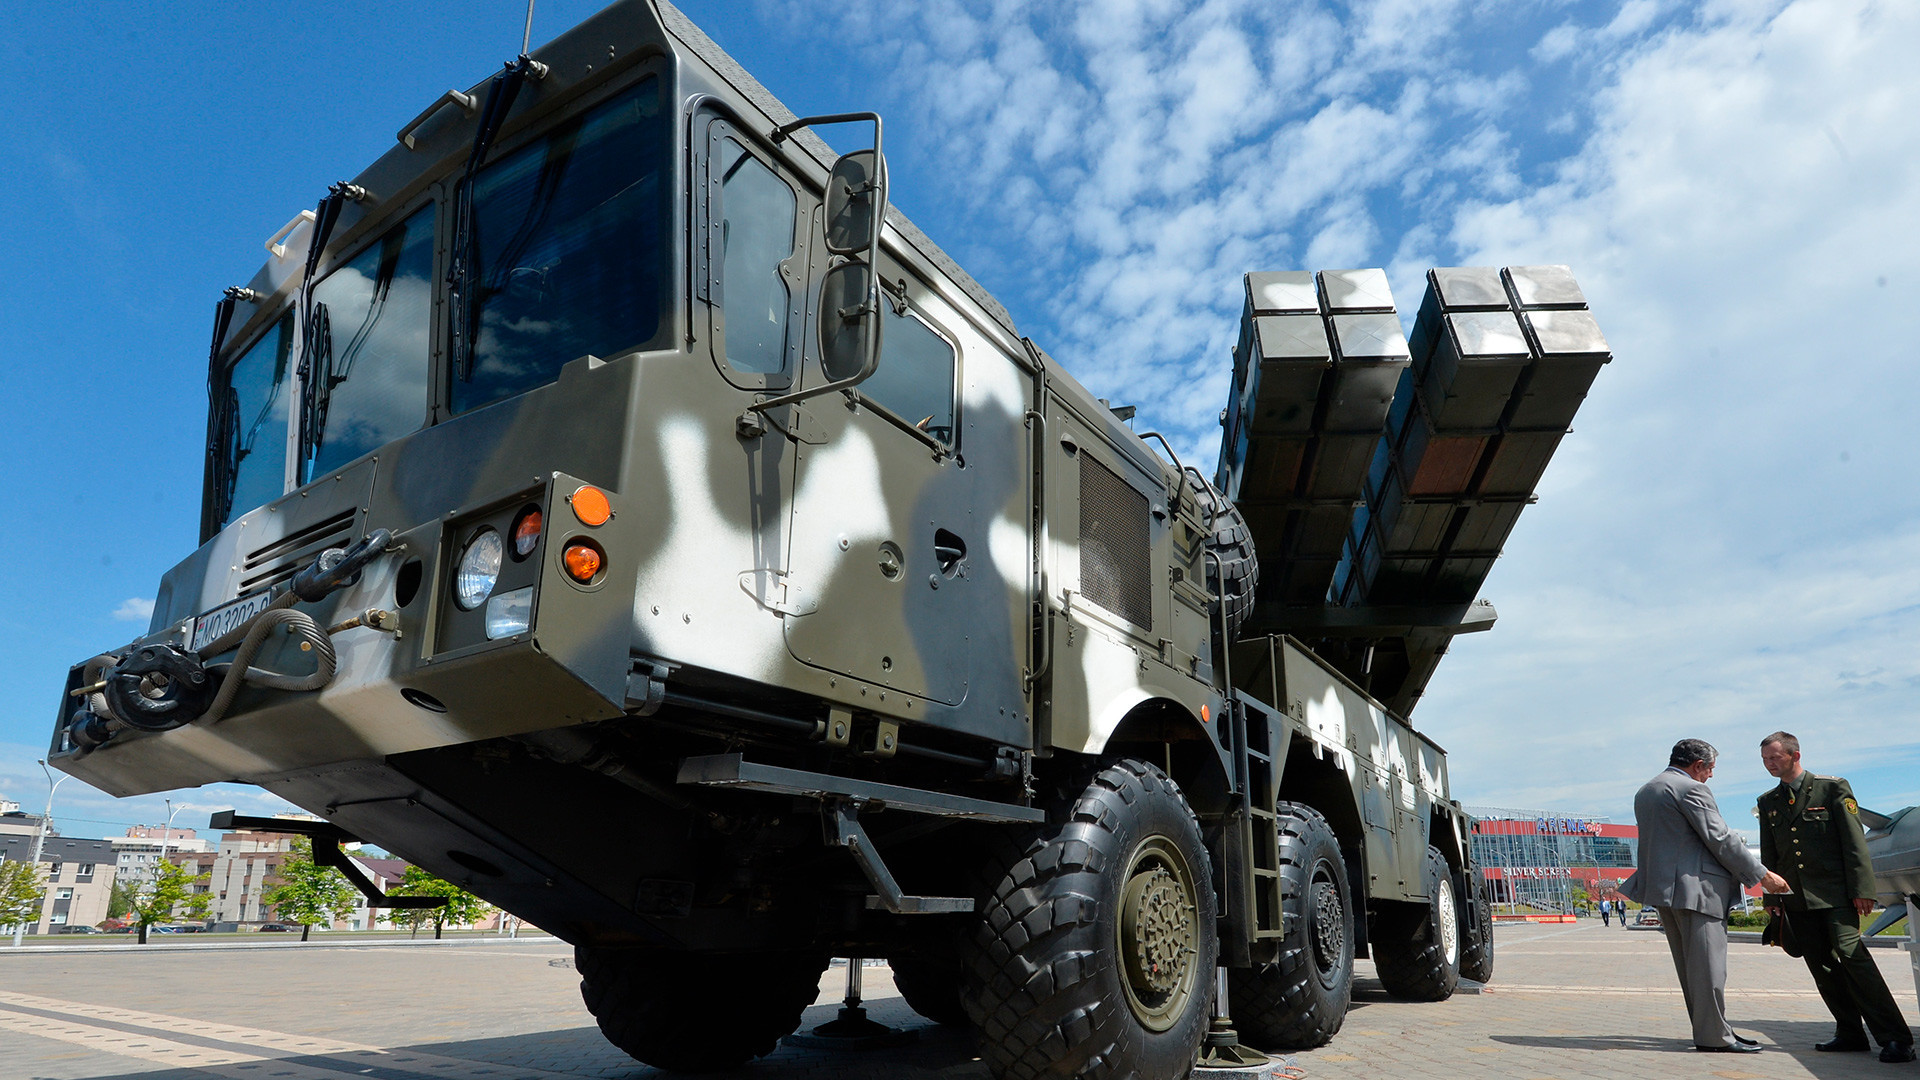 Lançador múltiplo Polonez na 8ª Exposição Internacional de Armas e Equipamentos Militares, em Minsk